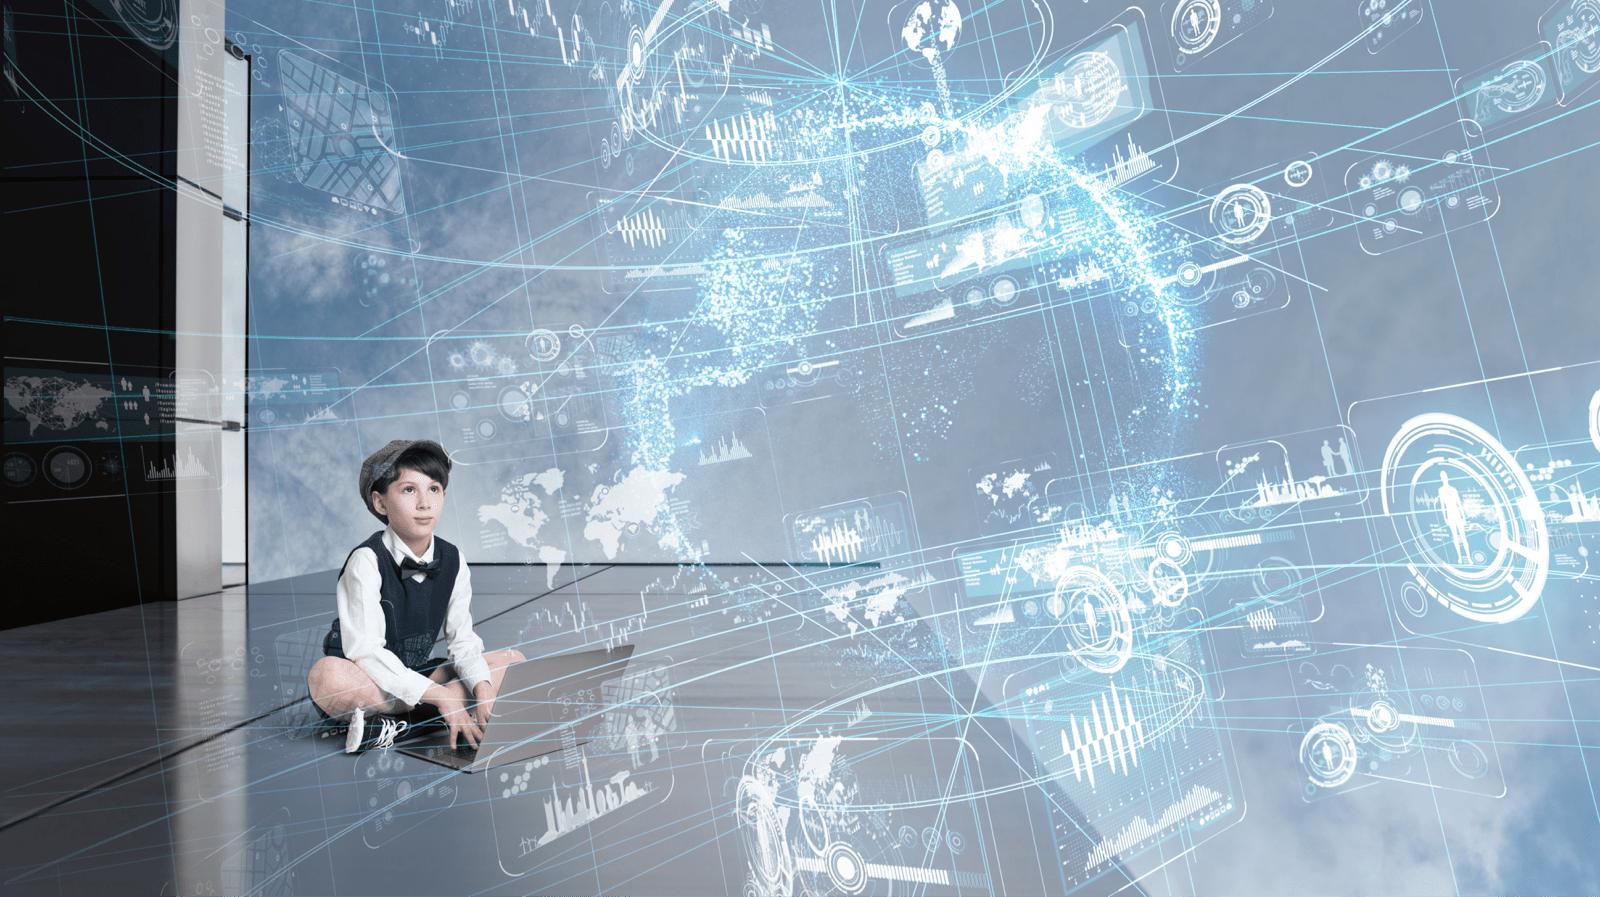 少年の上にデジタルイメージが浮かび上がる、イメージ図